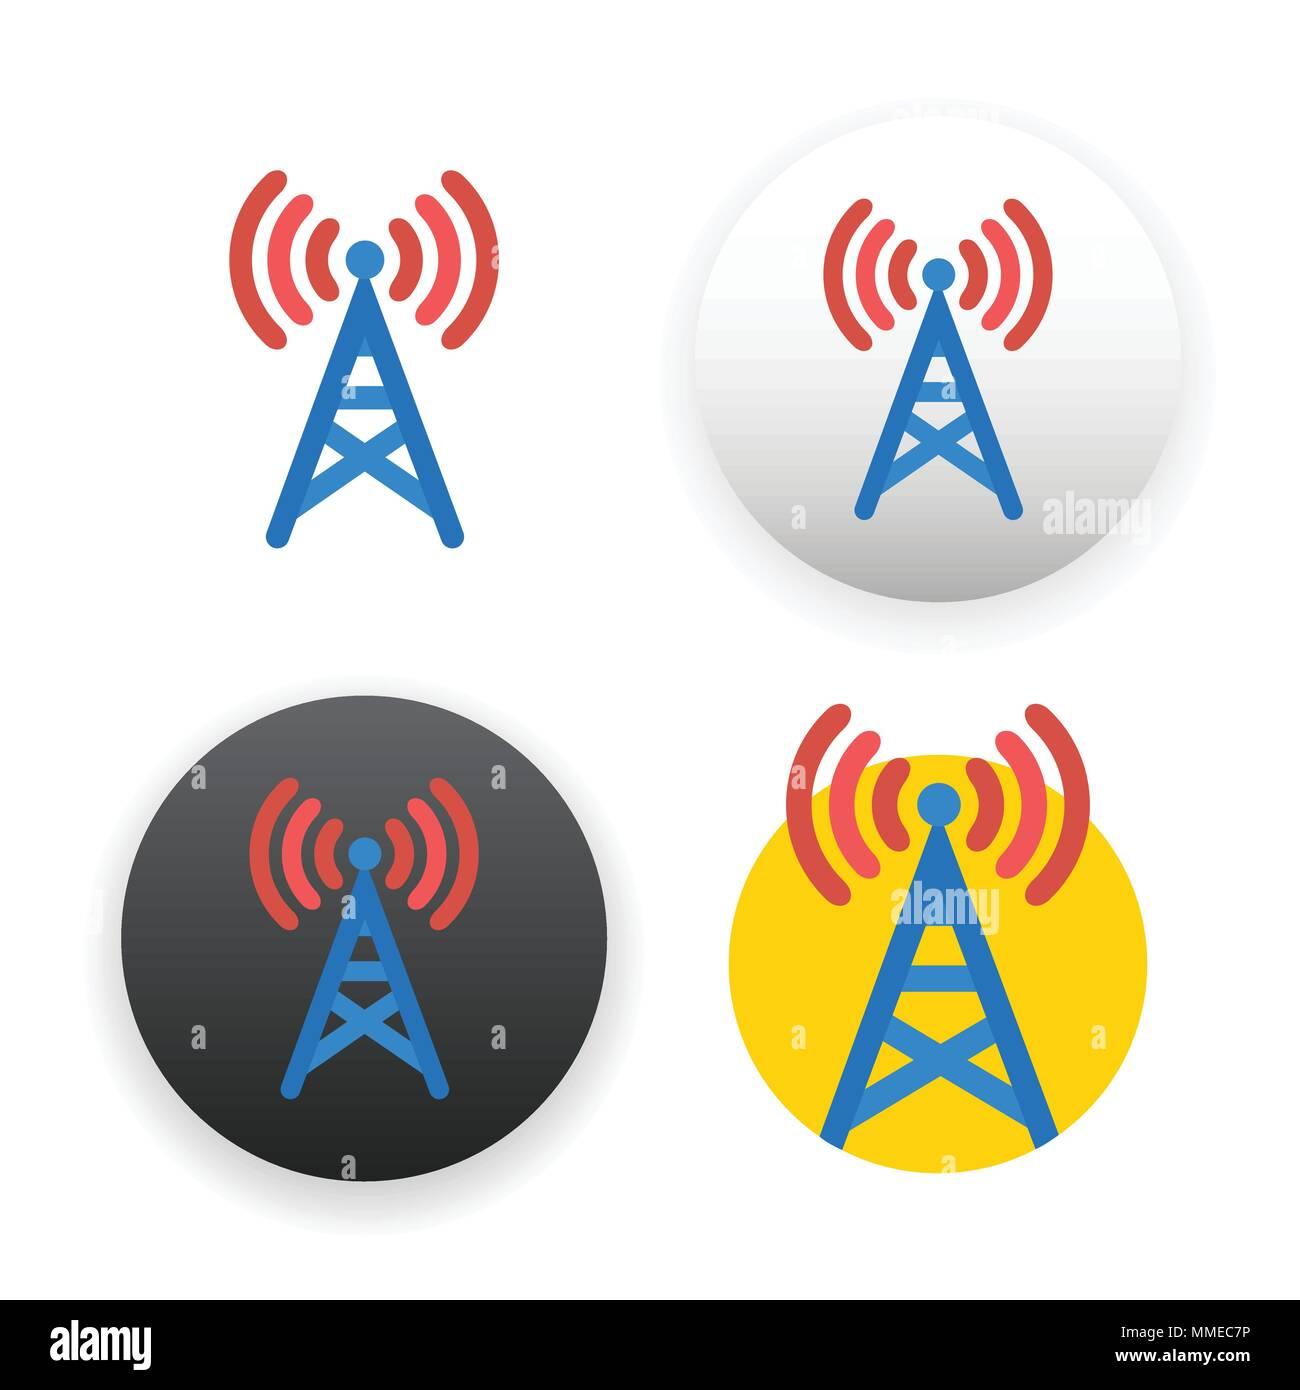 Antenna Tower Icon Stockfotos & Antenna Tower Icon Bilder - Alamy